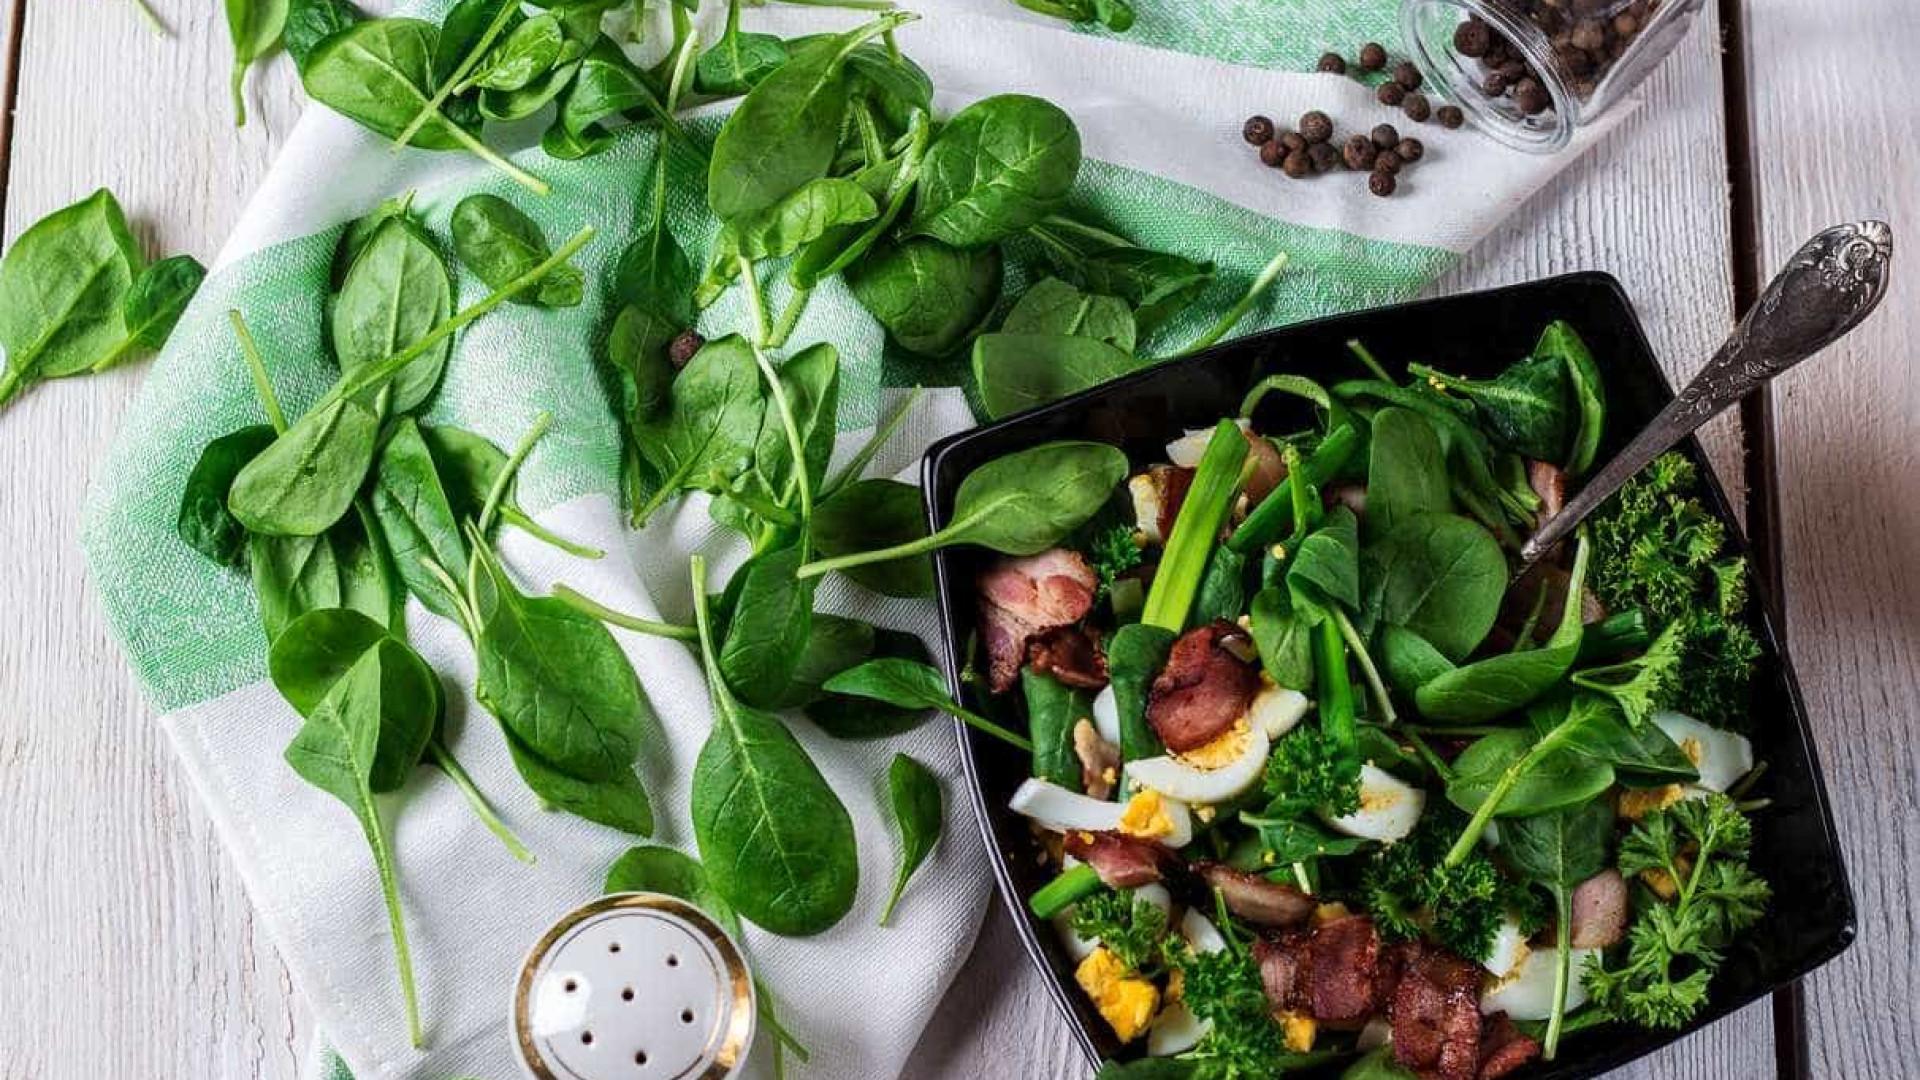 Comer espinafre 'para ficar mais forte'. Há benefícios além do ferro